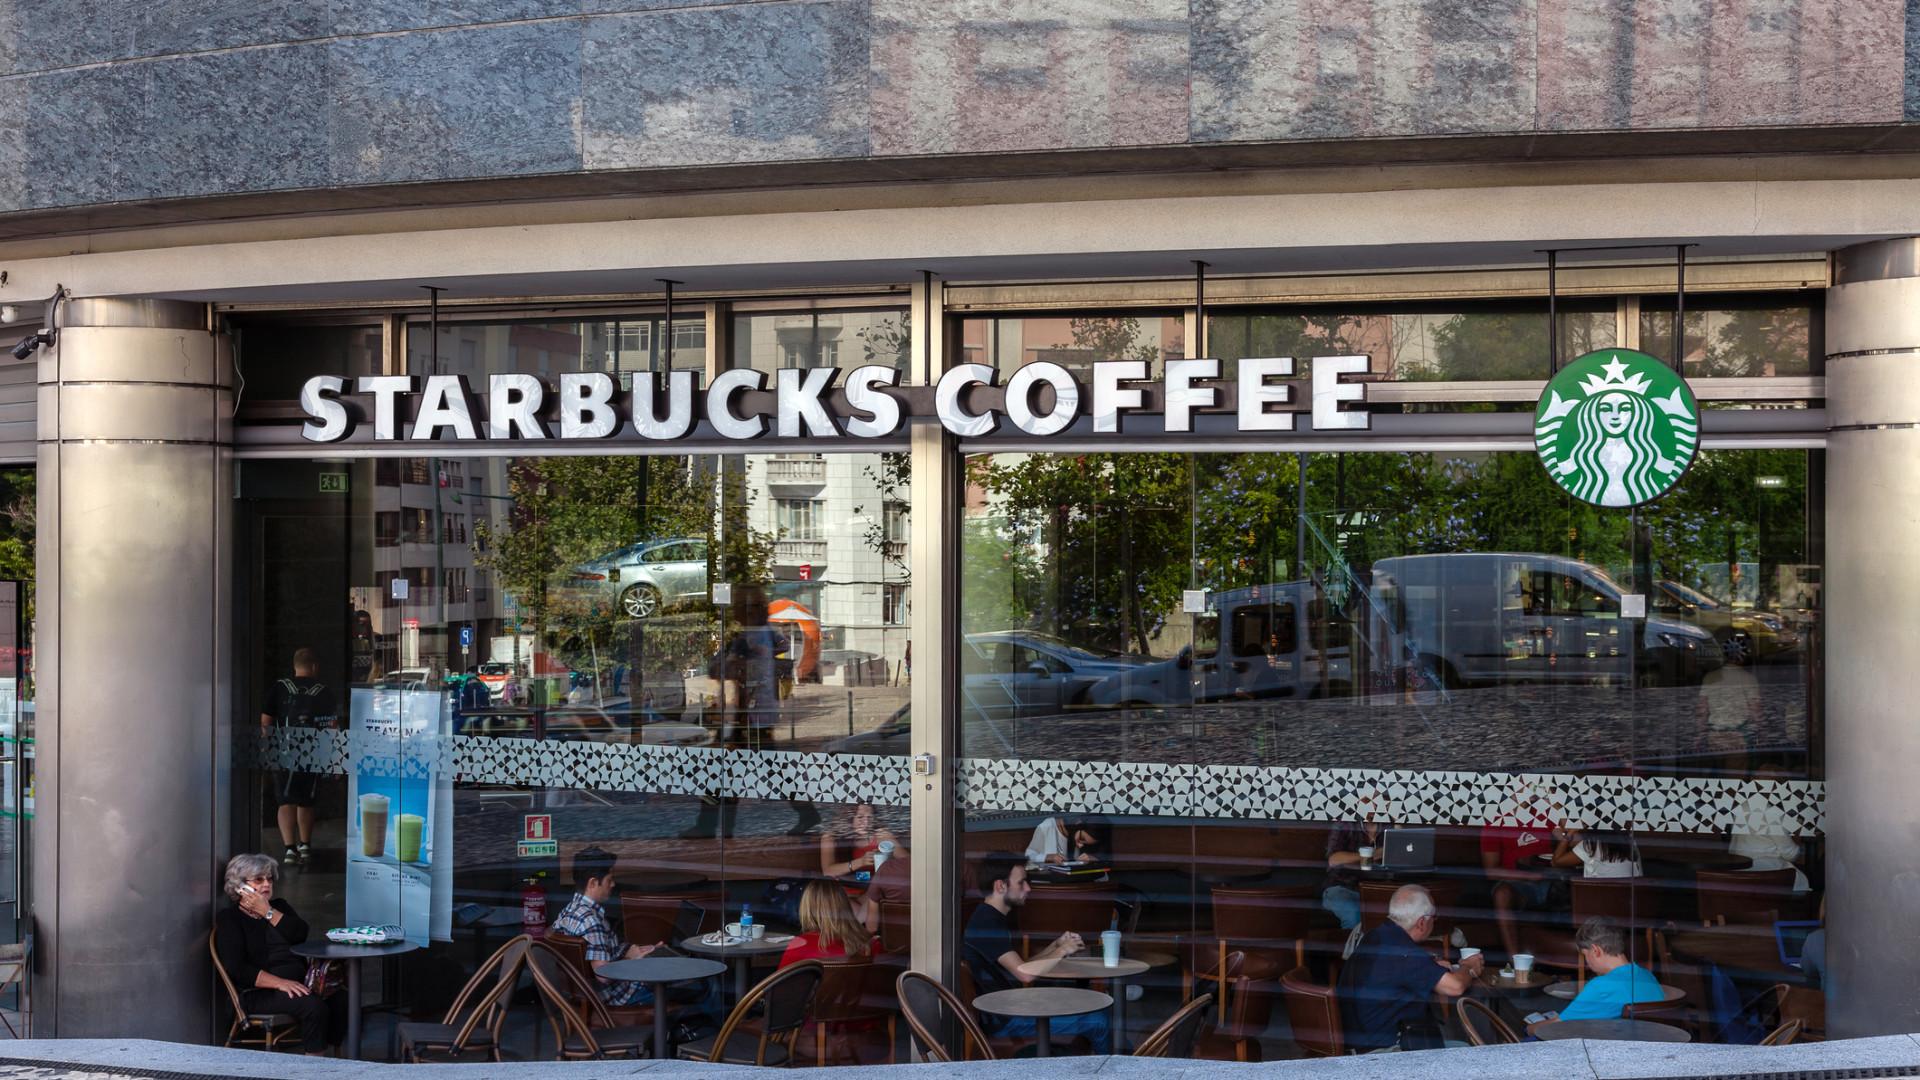 Mudança das regras da Starbucks nos EUA não se aplica a Portugal